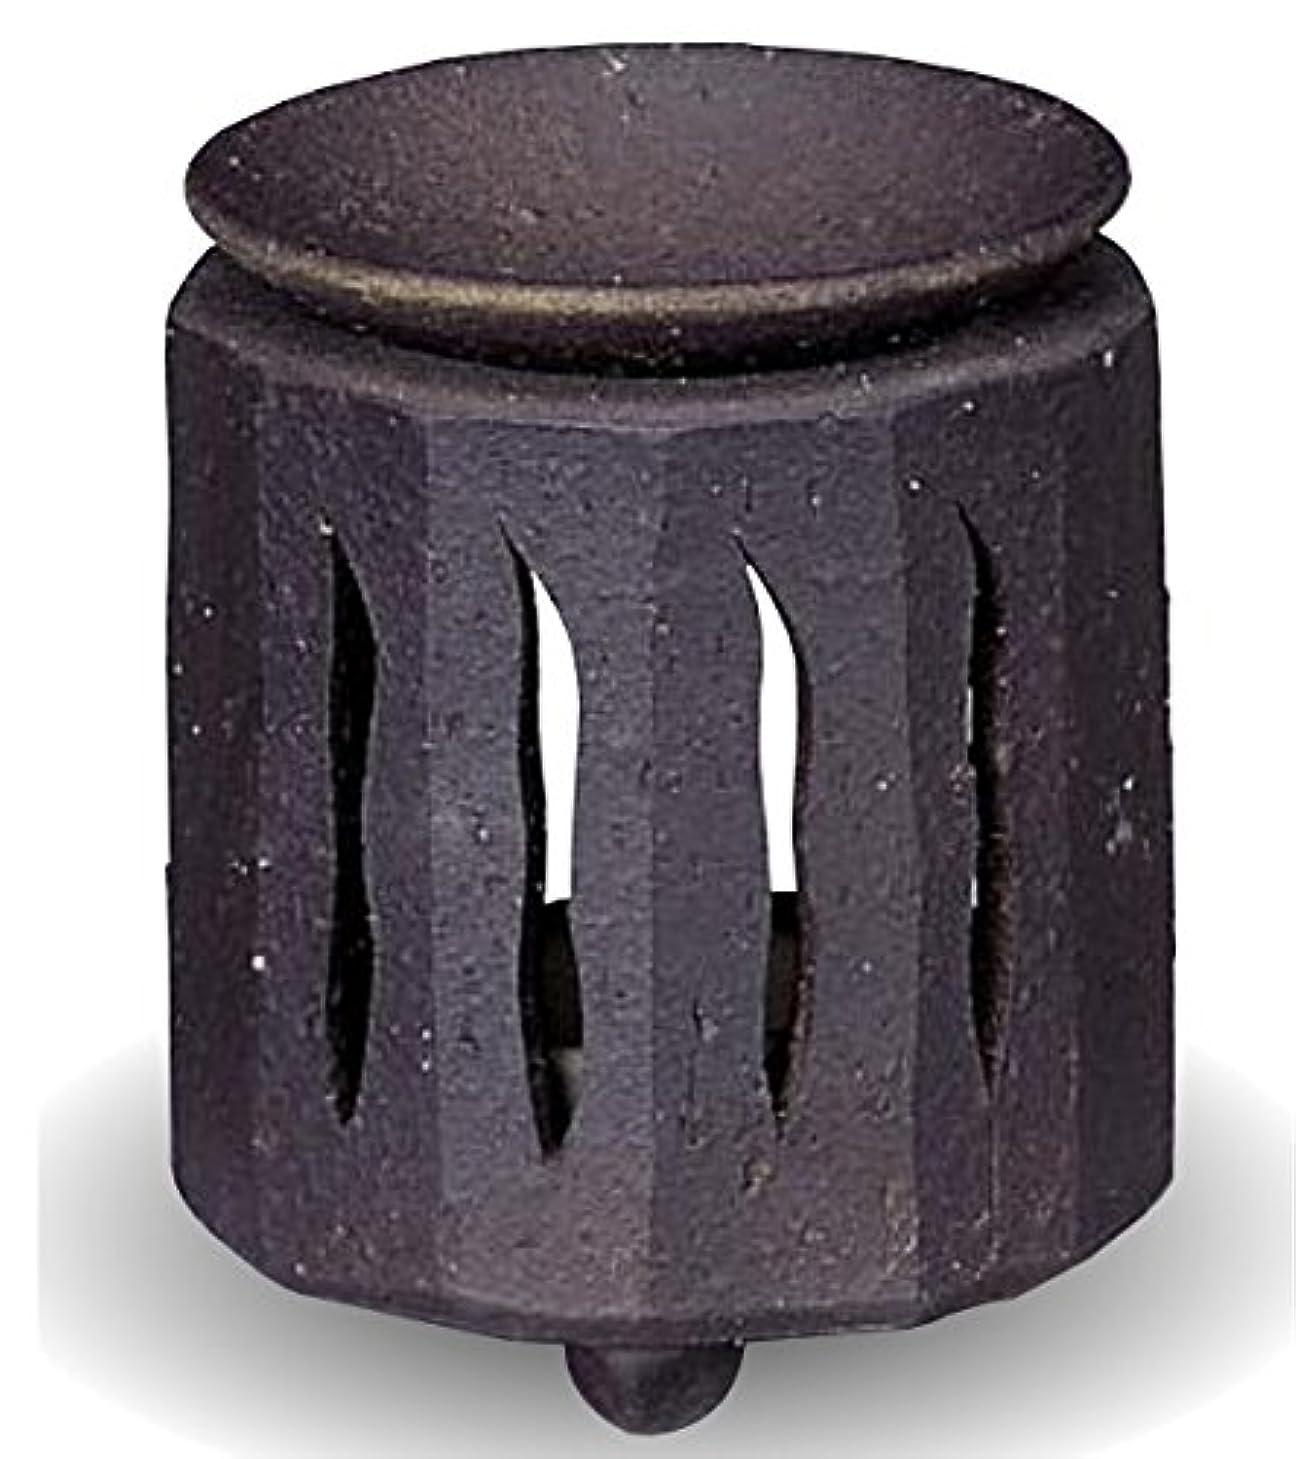 感情のクスコ輝く常滑焼 茶香炉(アロマポット)径9×高さ11cm